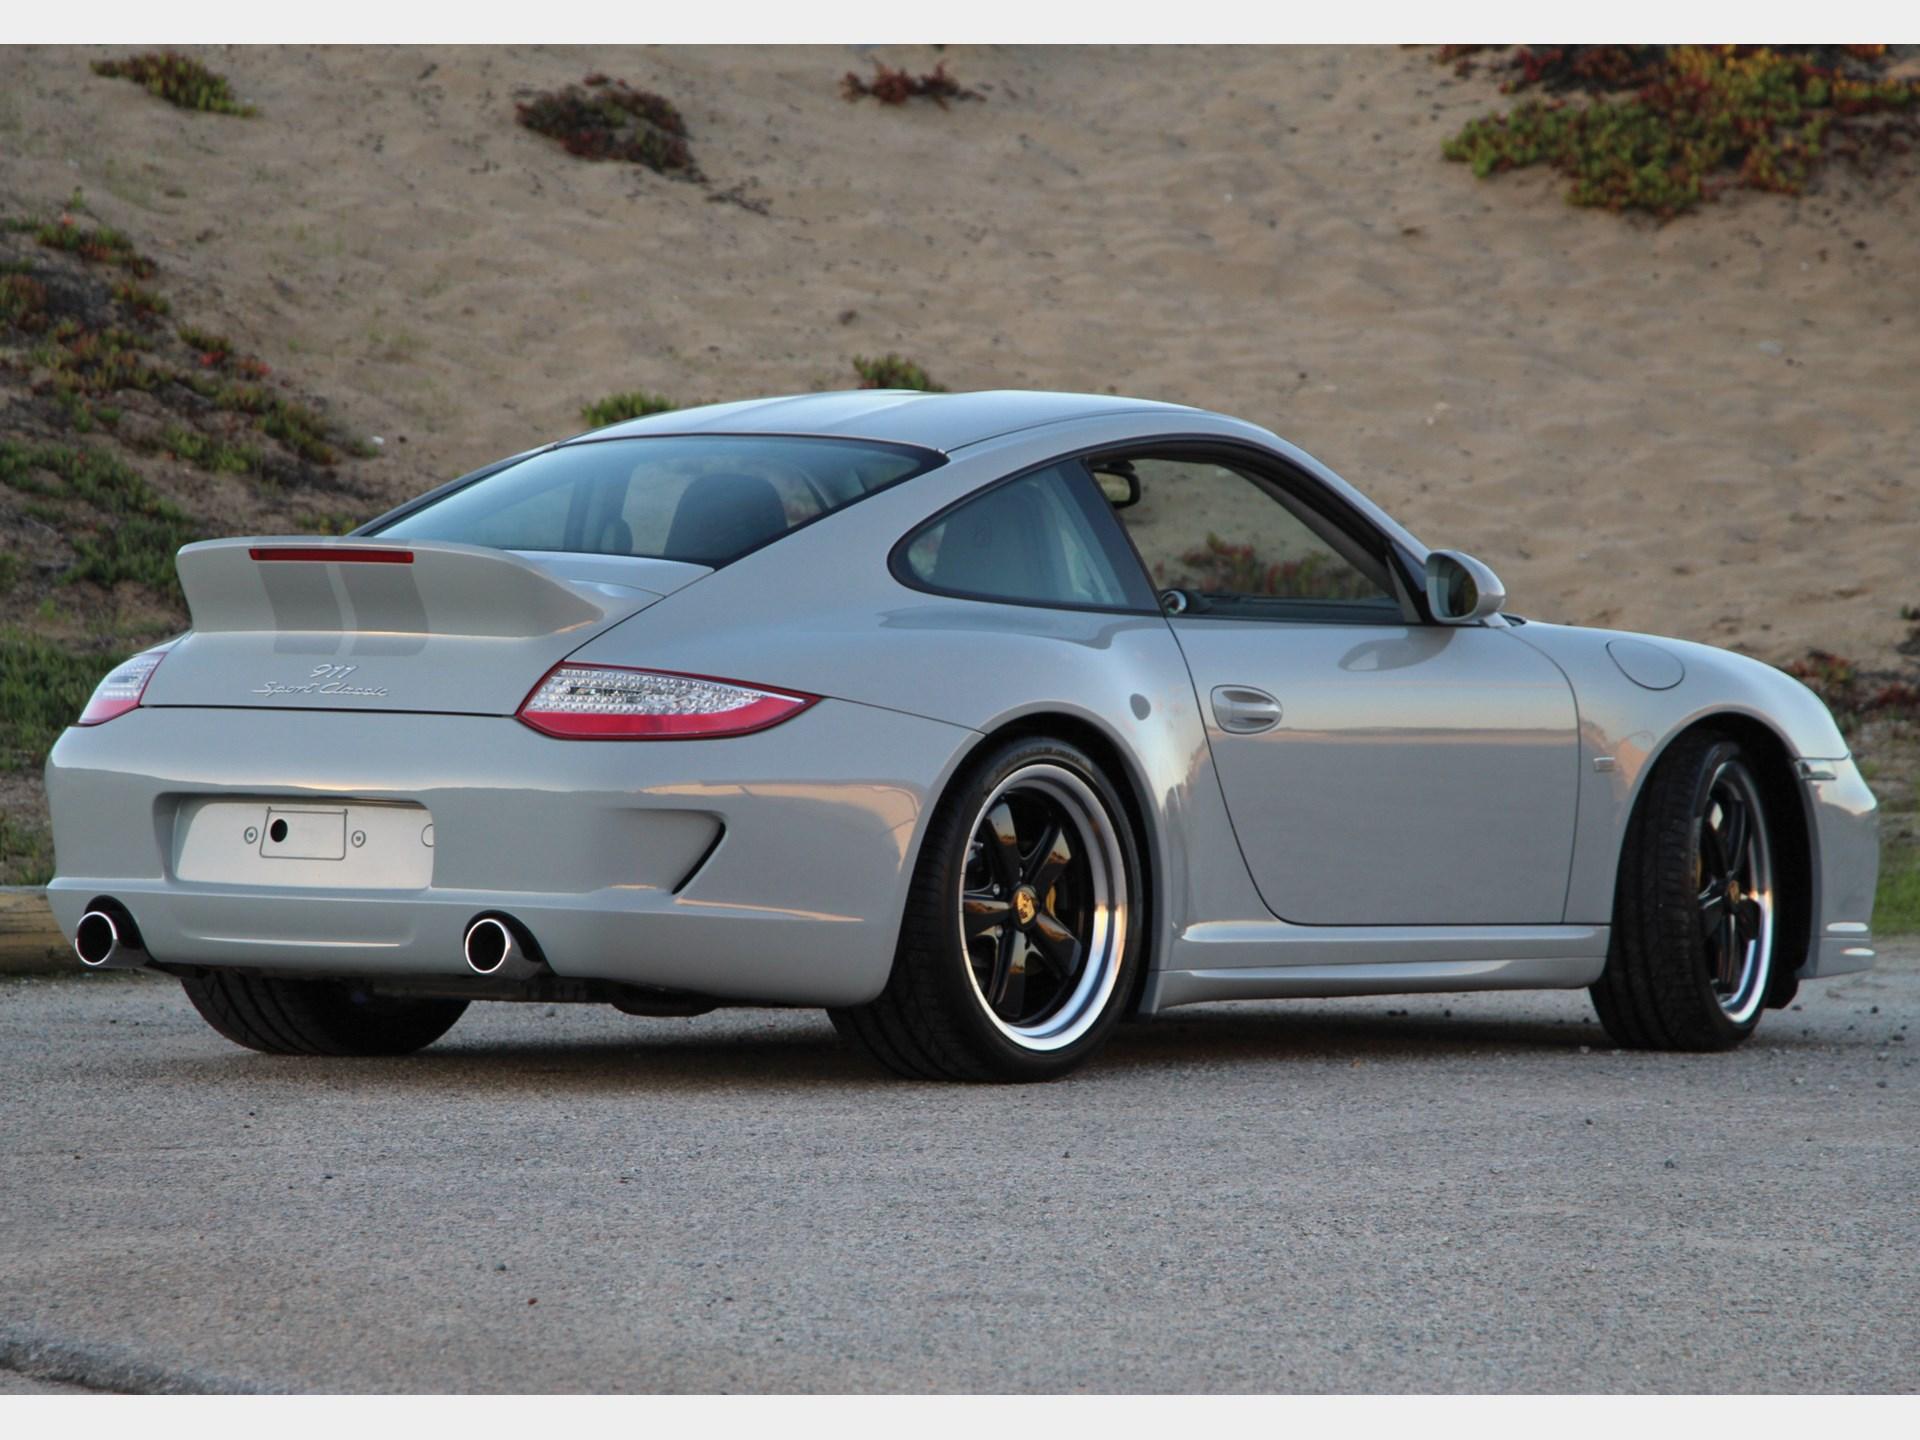 Porsche 911 Sport Classic Wallpaper: RM Sotheby's - 2010 Porsche 911 Sport Classic